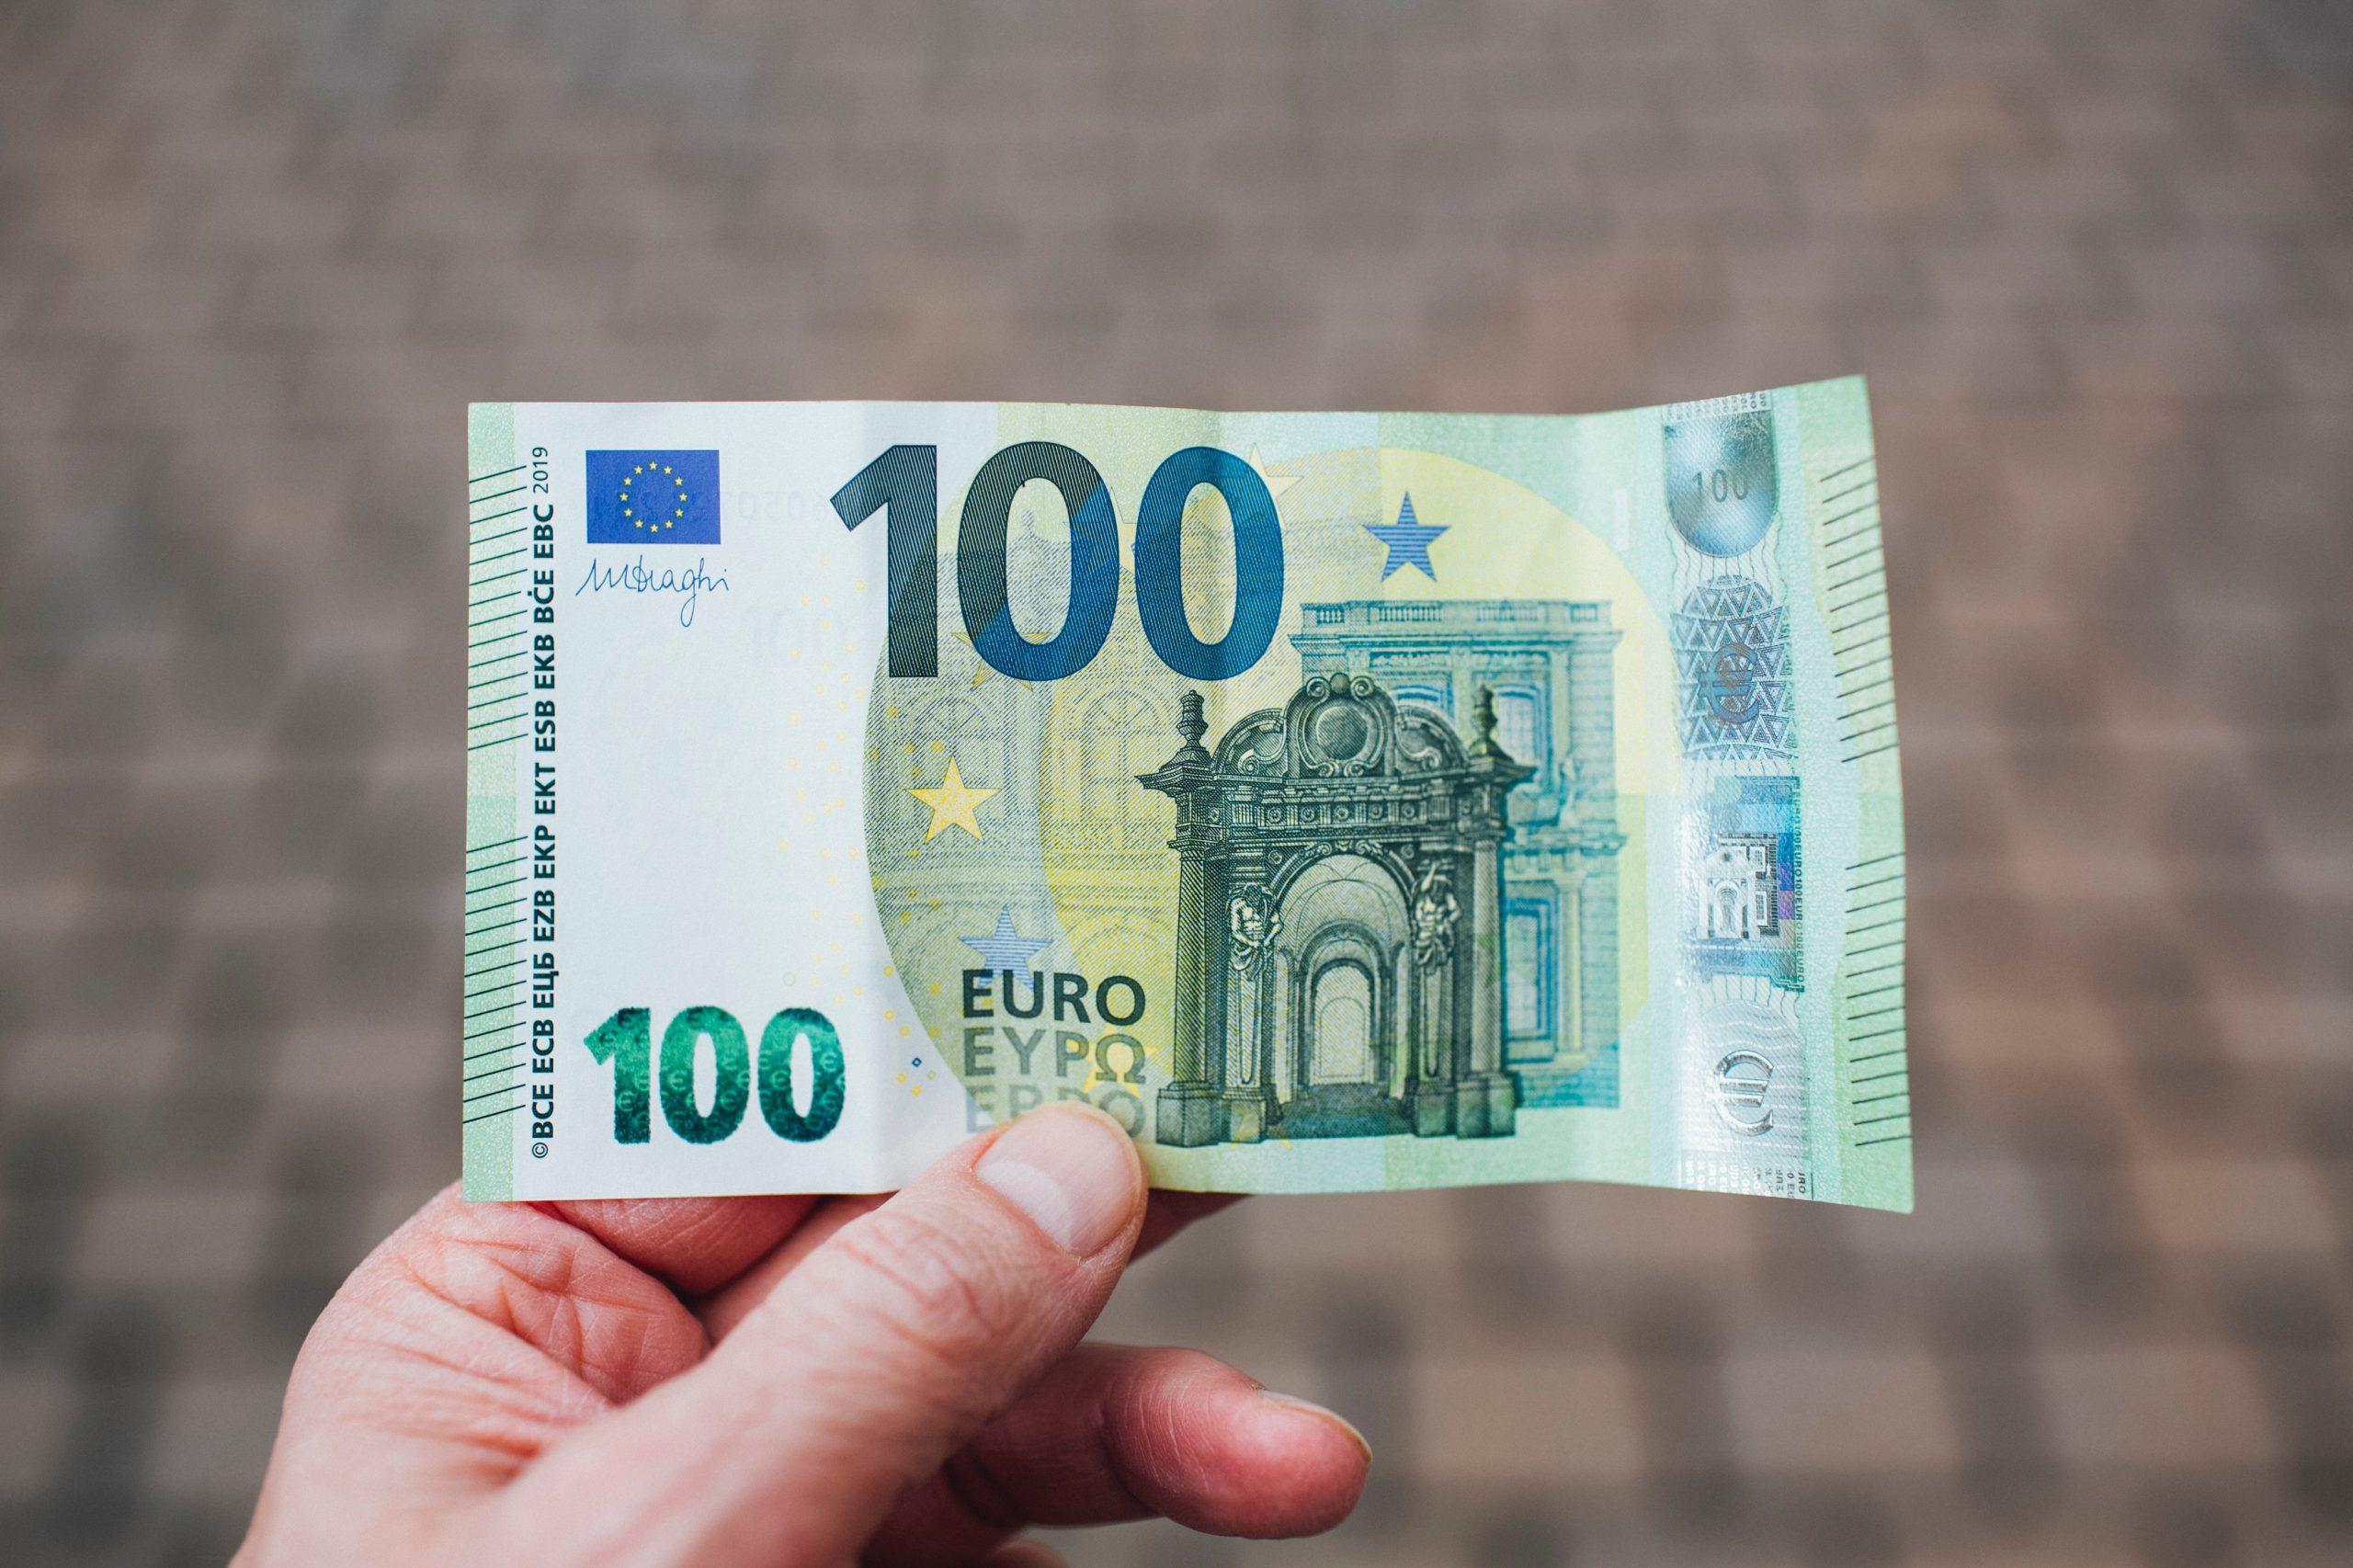 Un nou tip de înşelăciune în România. Poți pierde 100 de euro din senin, avertizează Poliția